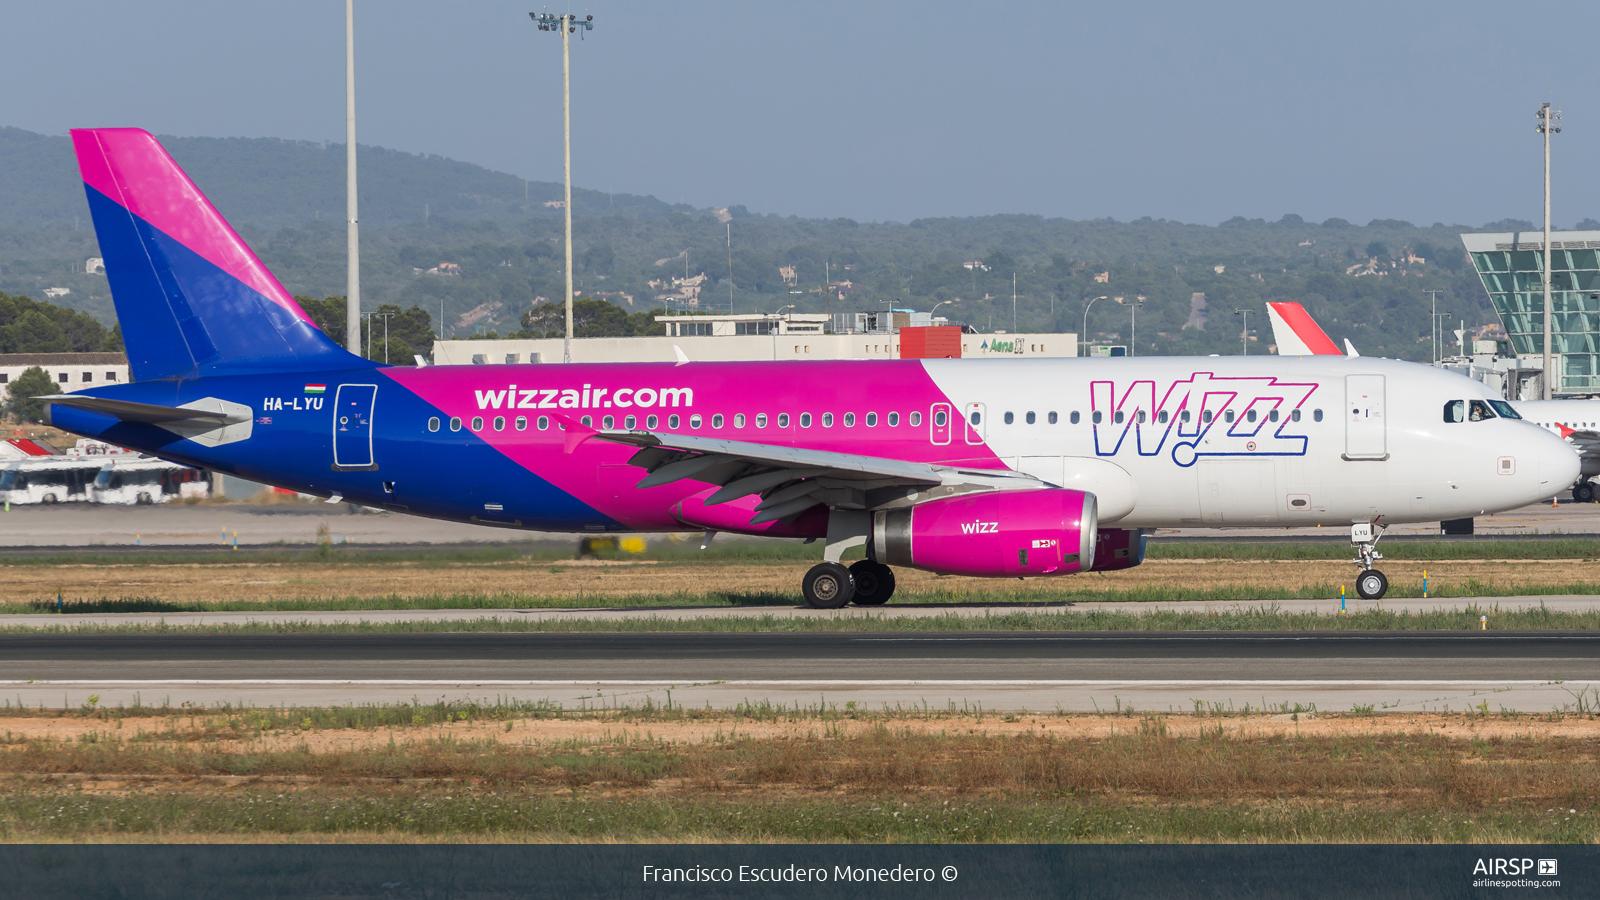 Wizz Air  Airbus A320  HA-LYU